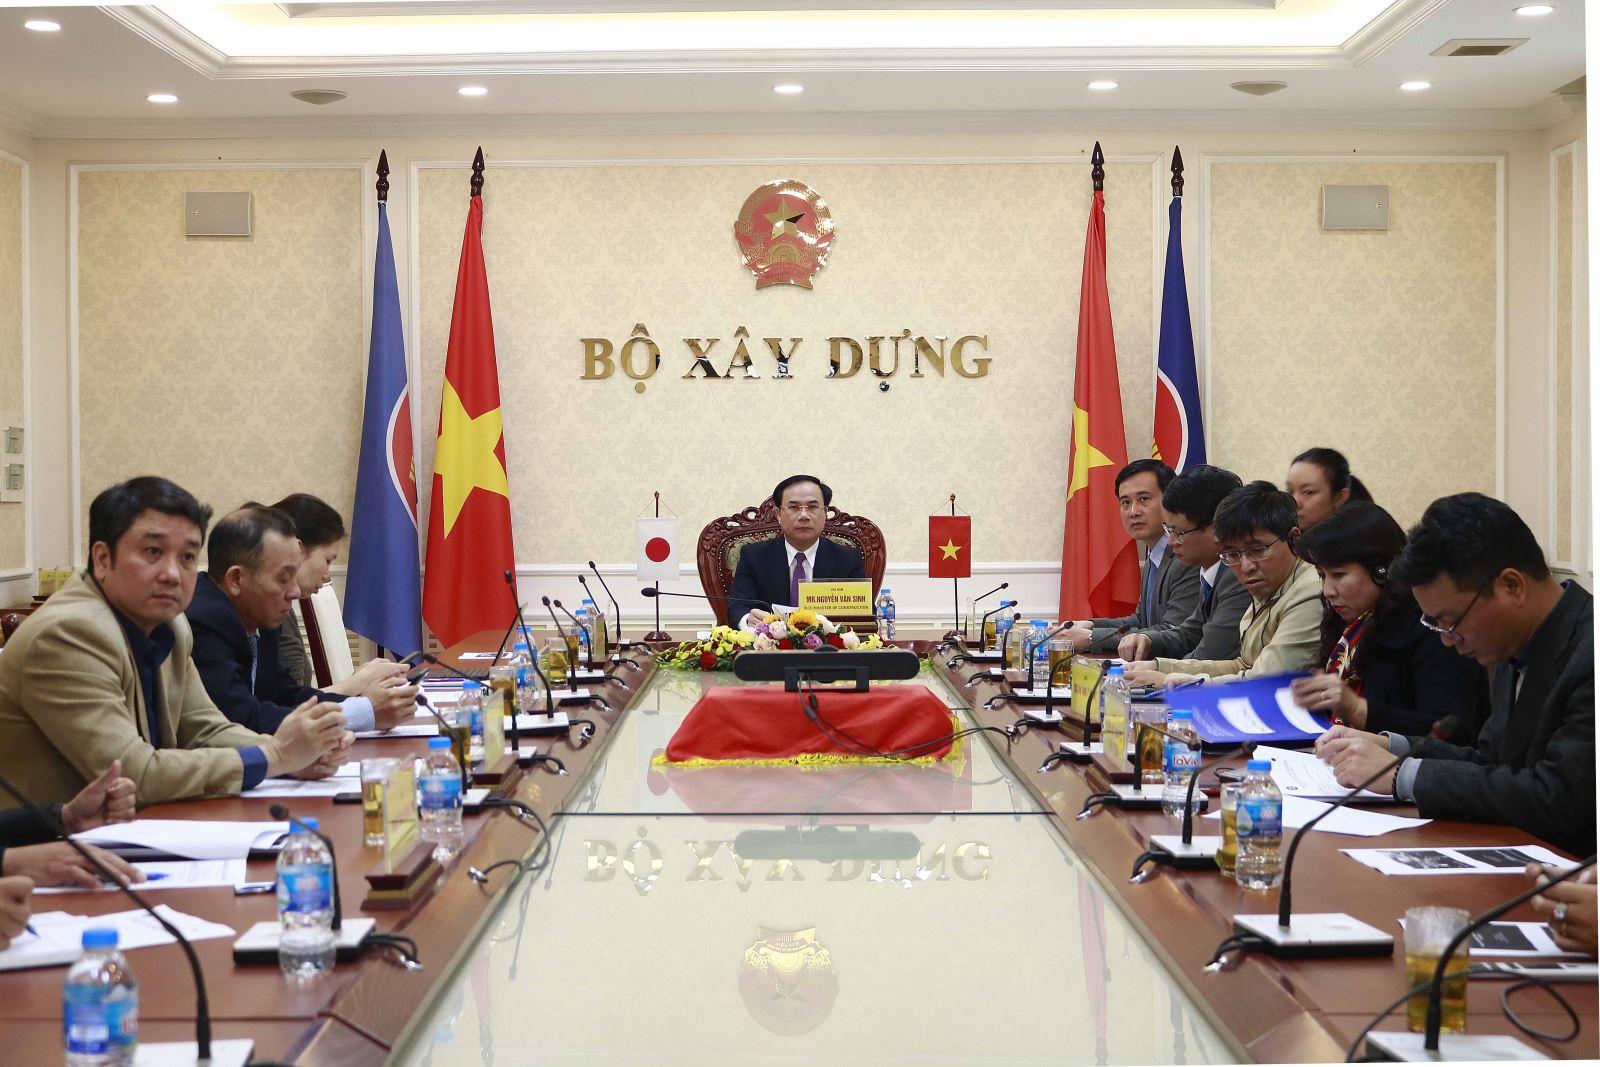 Thứ trưởng Nguyễn Văn Sinh đồng chủ trì hội nghị cấp cao Mạng lưới đô thị thông minh ASEAN – Nhật Bản lần thứ 2